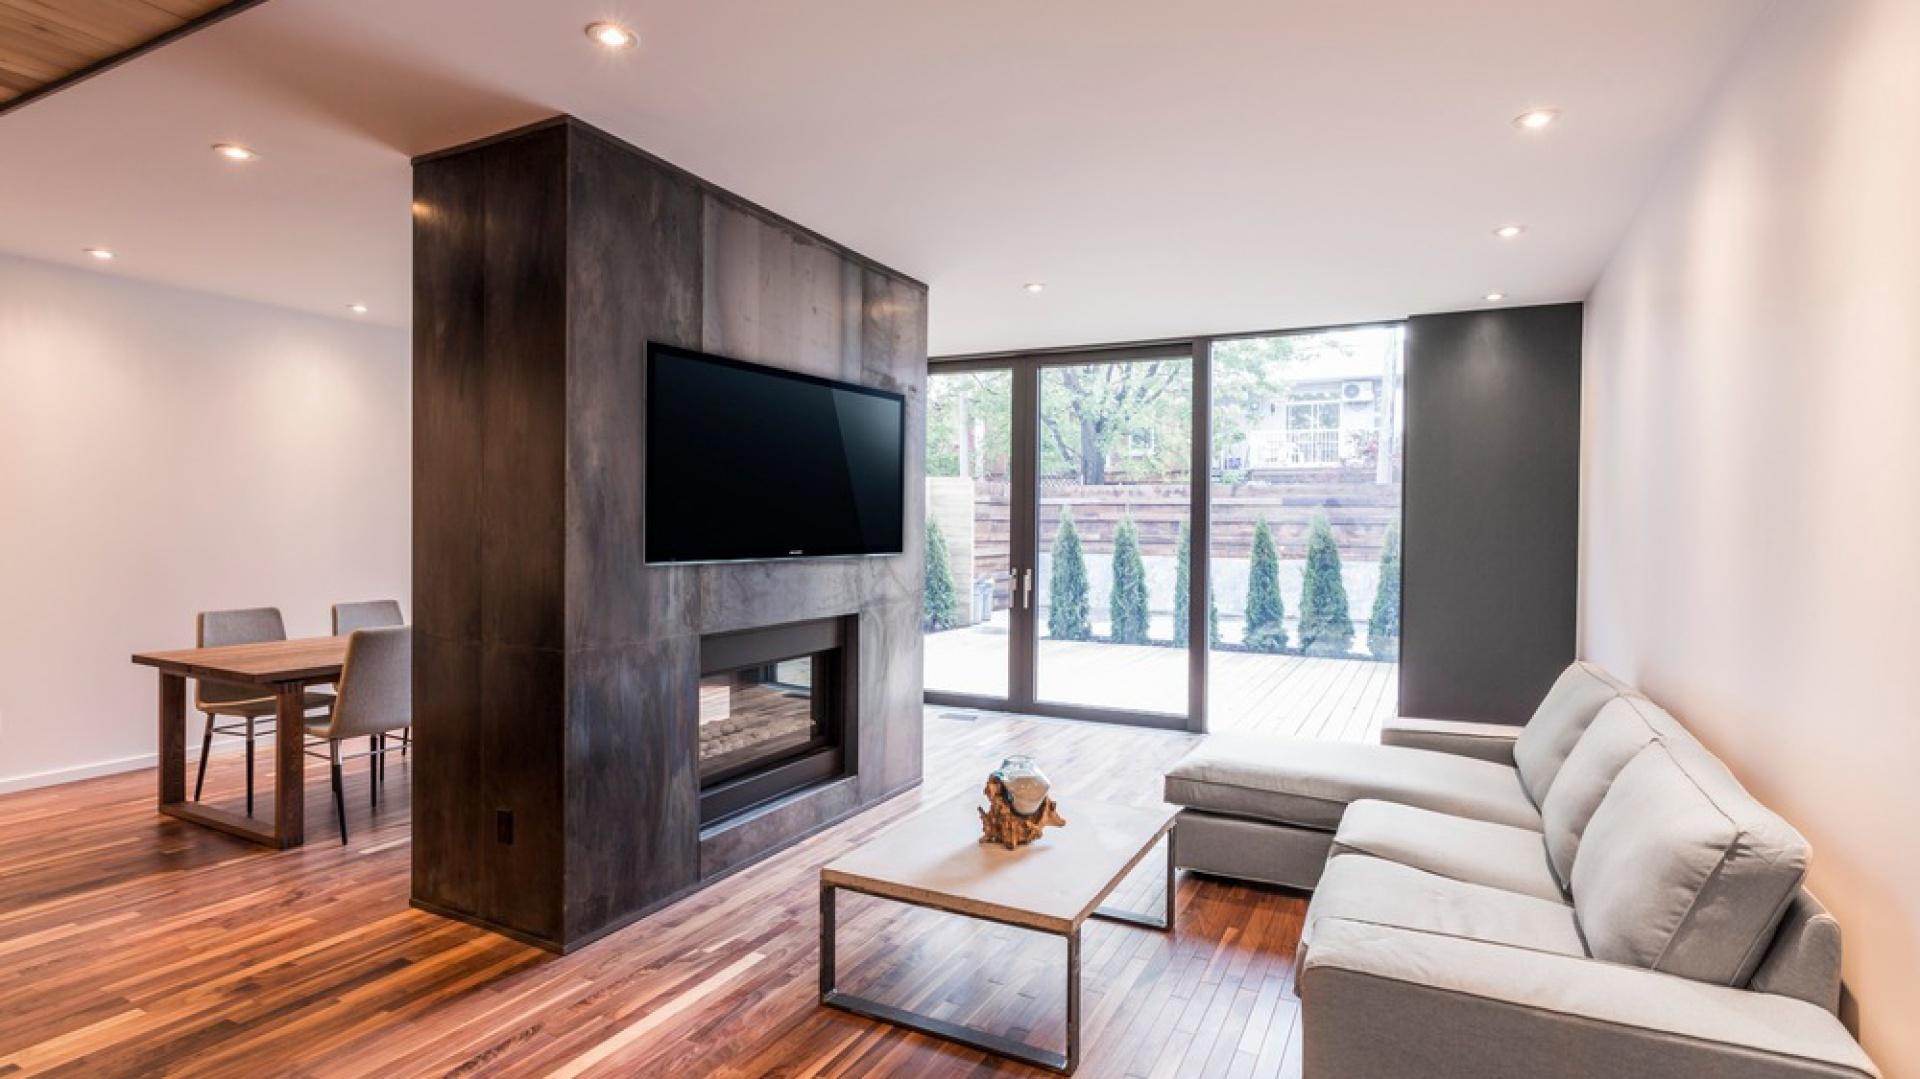 Przestrzeń otwartej strefy dziennej podzielono na dwie części za pomocą półścianki działowej, obudowanej efektownymi stalowymi panelami. Projekt: MU Architecture. Fot. Julien Perron-Gagné.